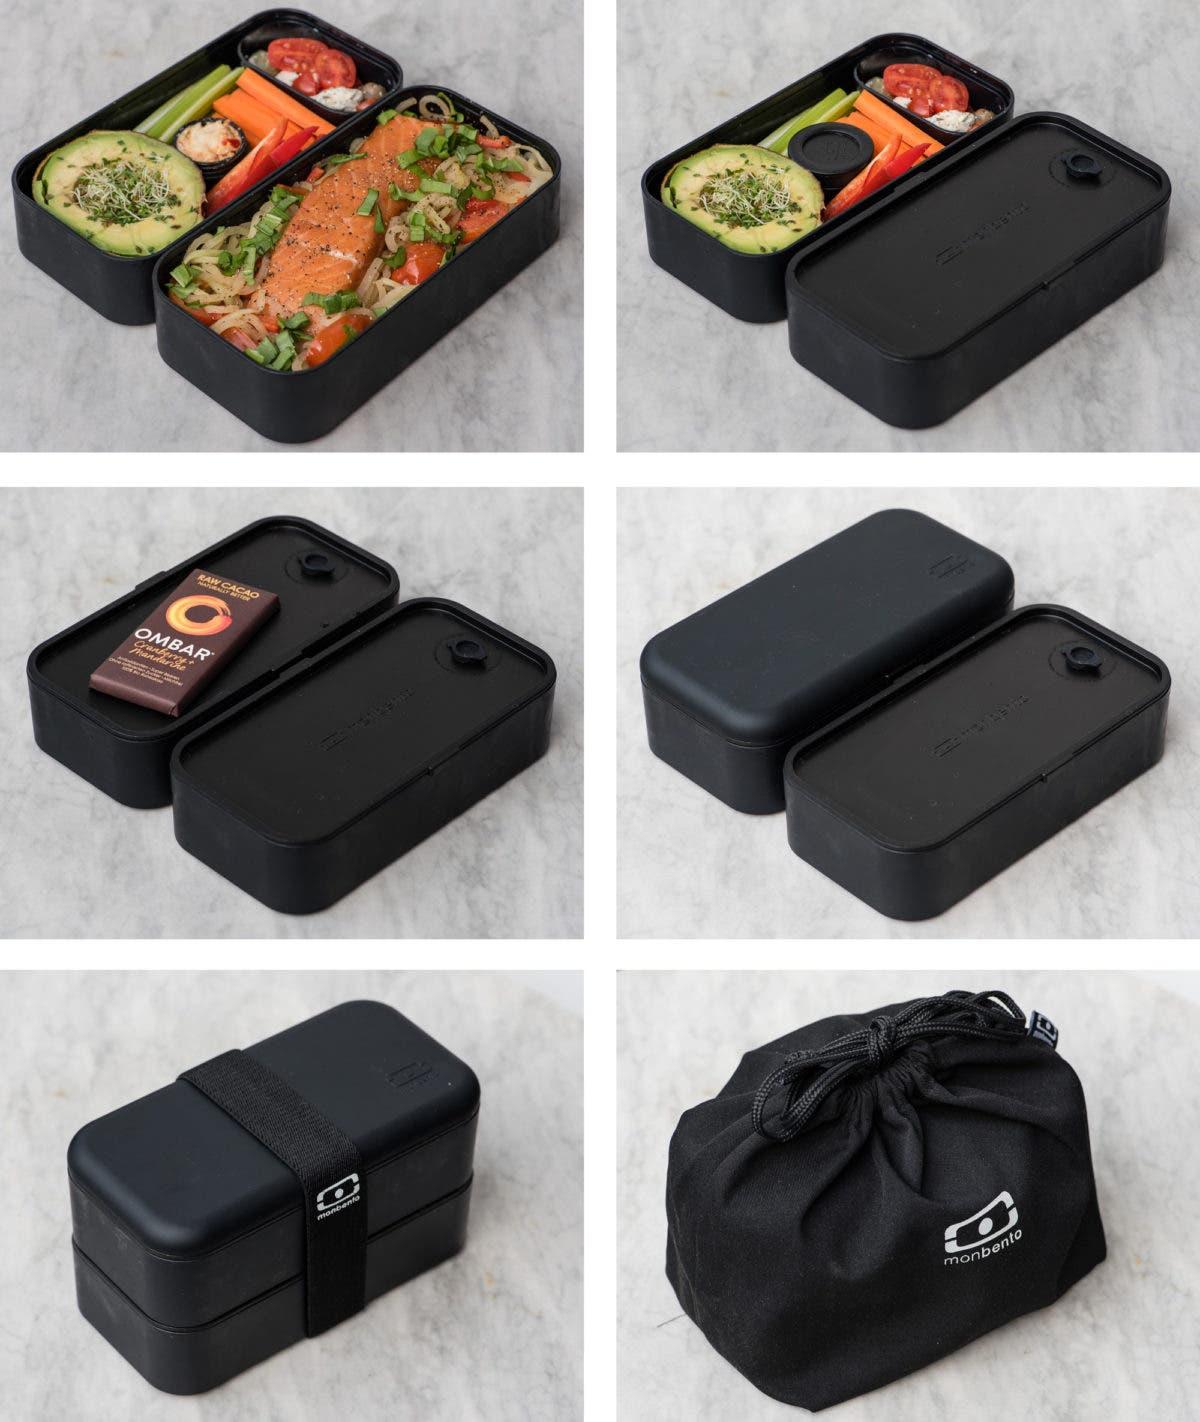 Tipps für eine gelungene Lunch Box: Collage | Die besten Tipps für leckere, gesunde Lunchboxen